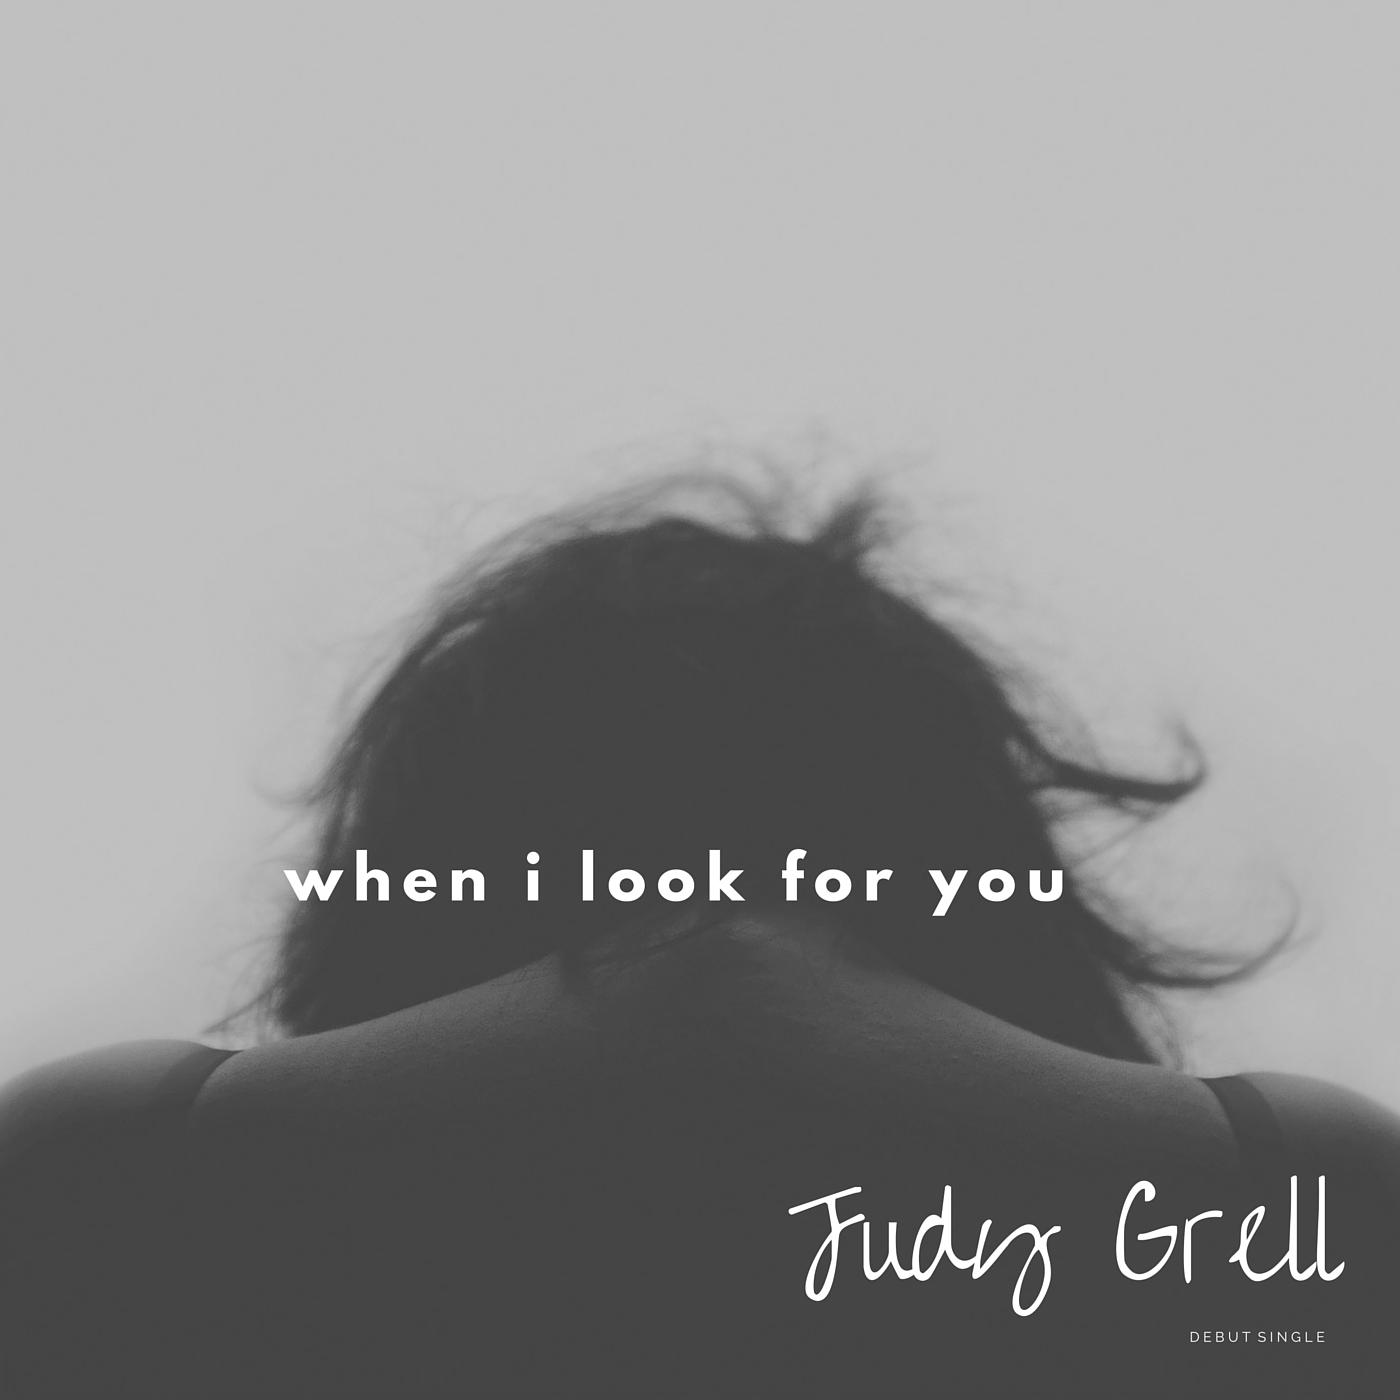 Judy Grell